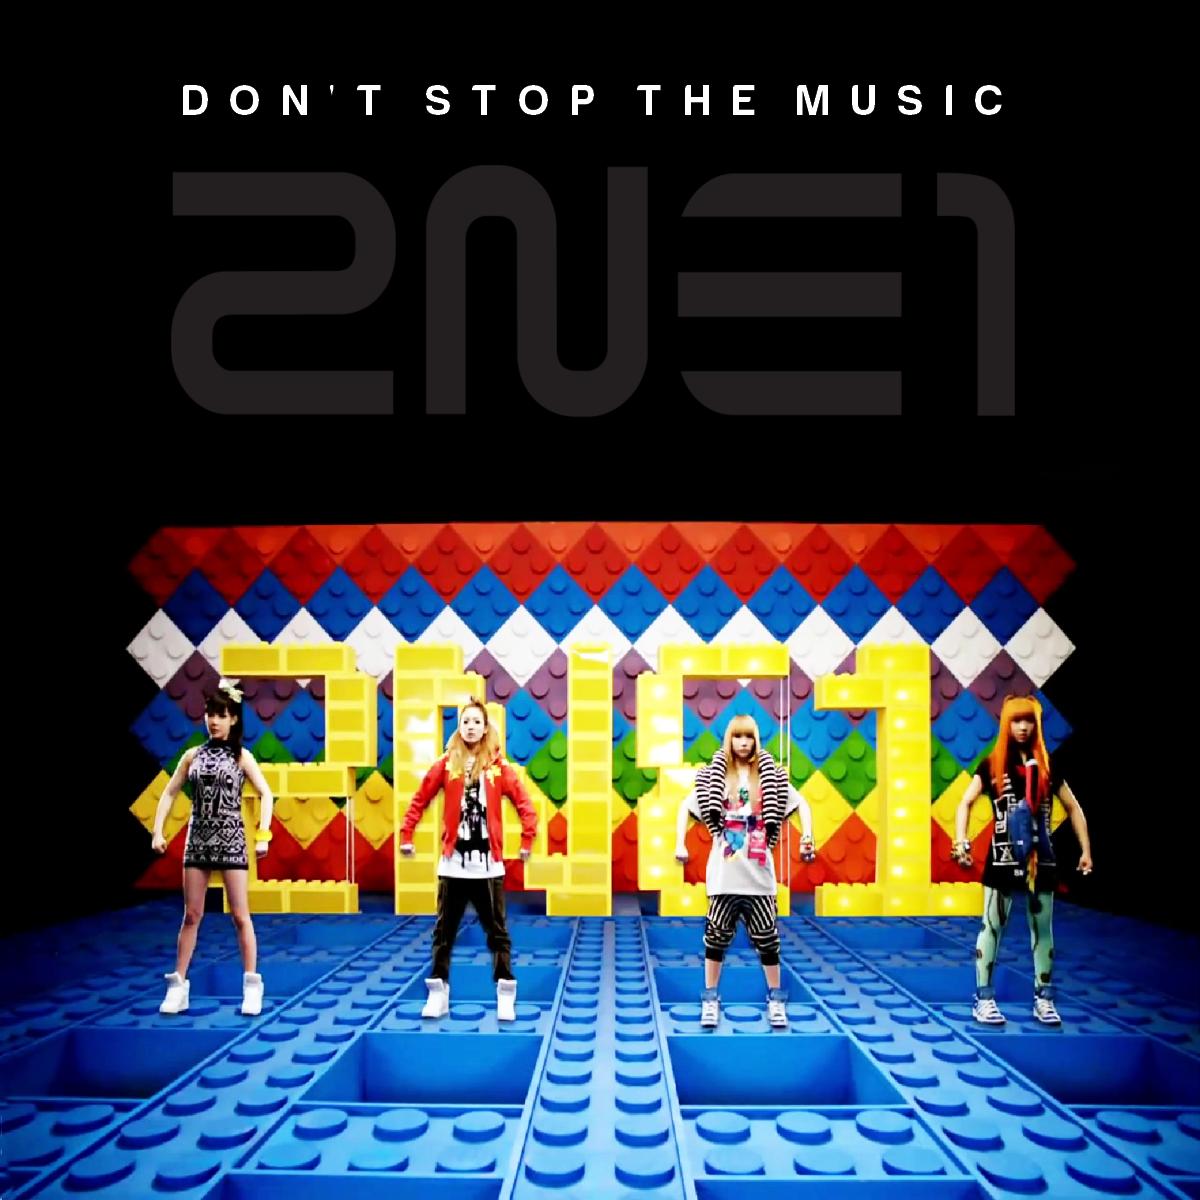 2NE1 - Don't Stop The Music Cover Art by 2NE1-ART on ...